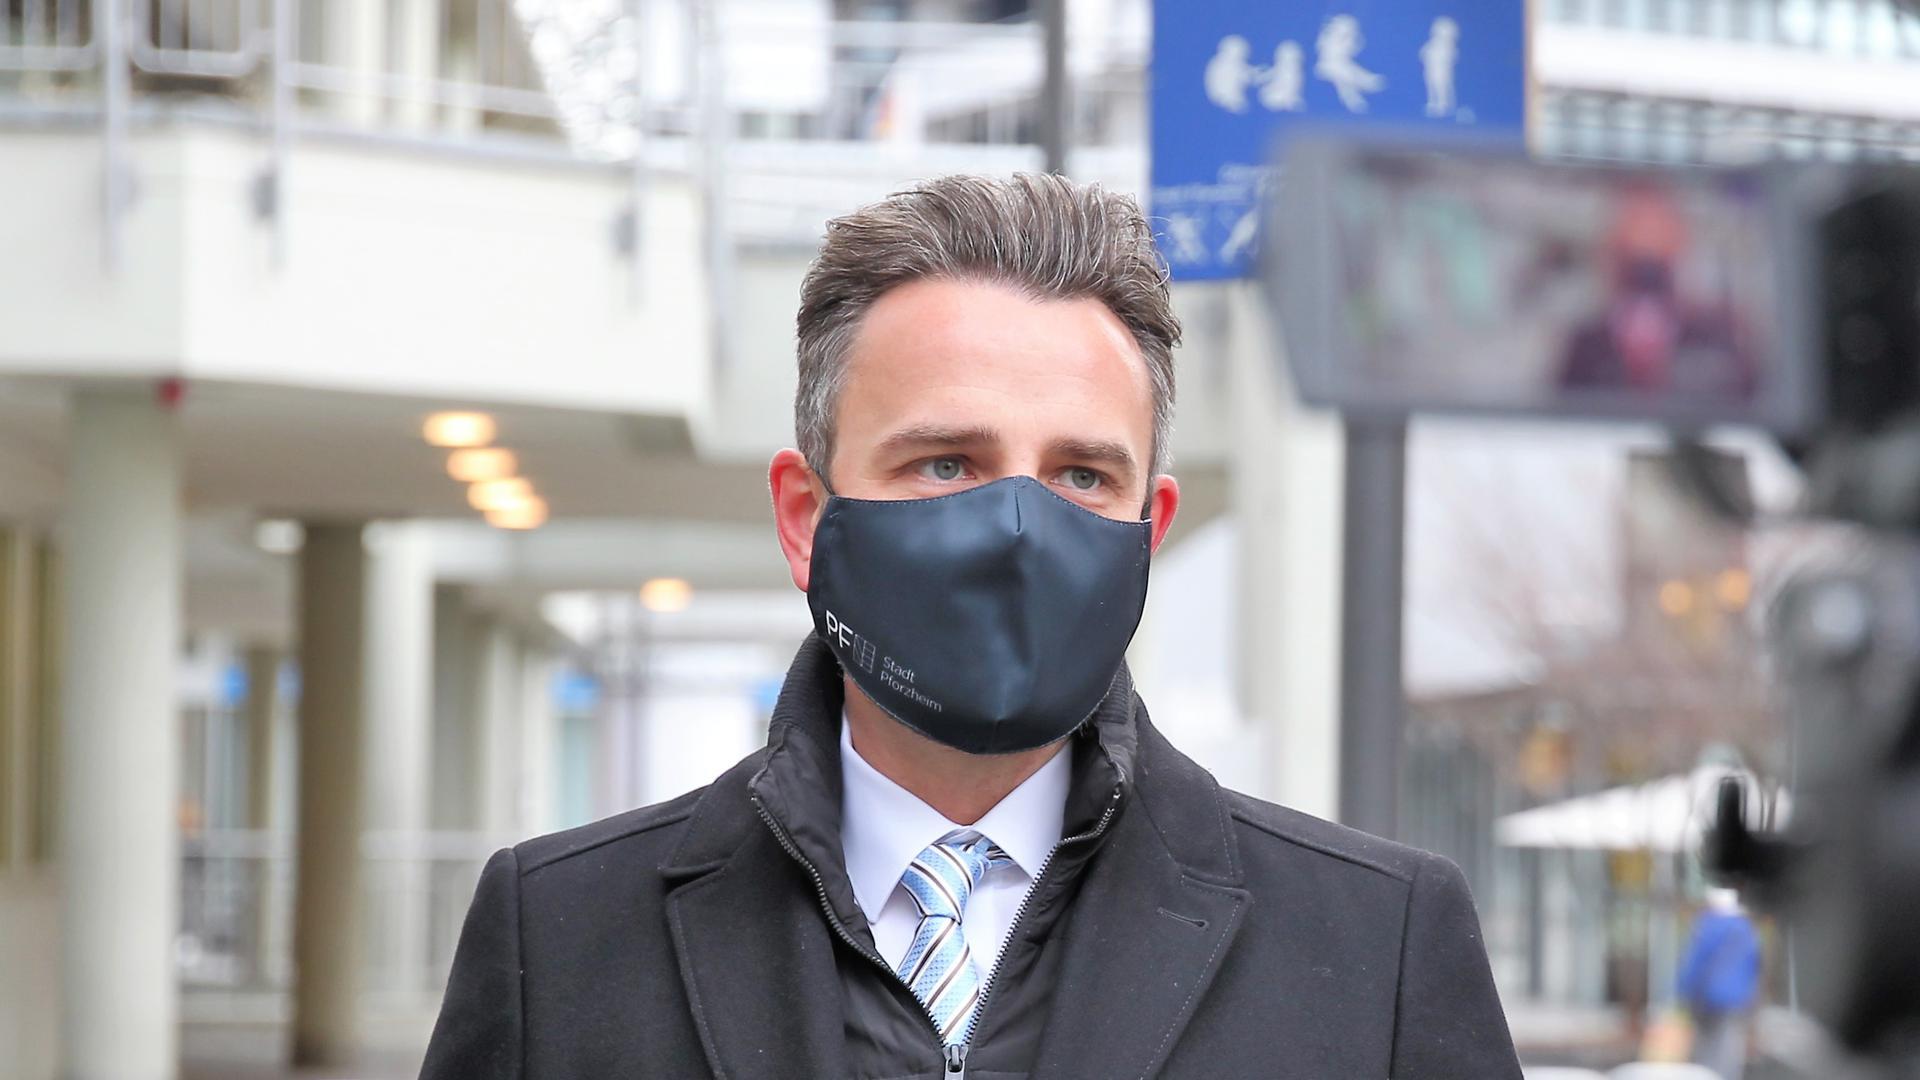 Pforzheims Oberbürgermeister Peter Boch (CDU) steht in der Innenstadt vor einer TV-Kamera. Er macht das Sozialministerium von Manne Lucha (Grüne) für die schleppende Umsetzung einer Corona-Hotspot-Strategie verantwortlich.